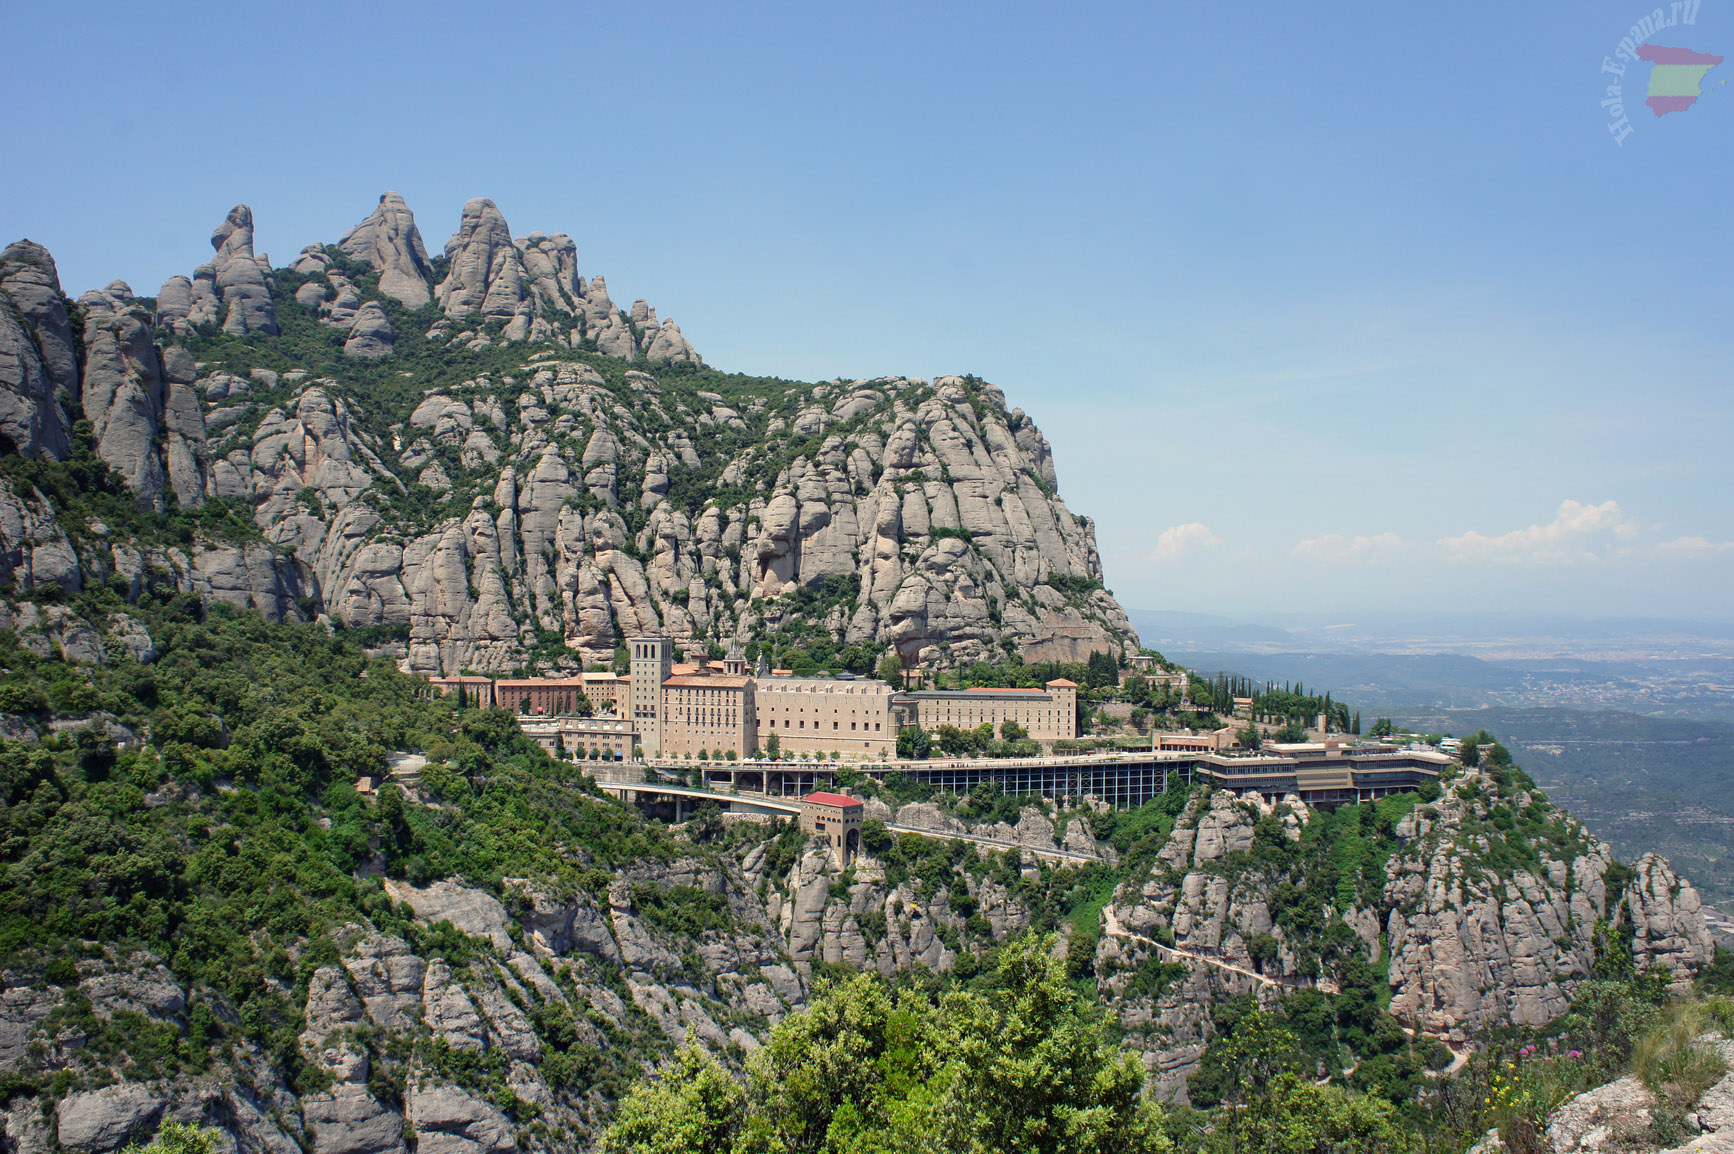 Монастырь Монтсеррат находится недалеко от Барселоне на склоне одноименных гор